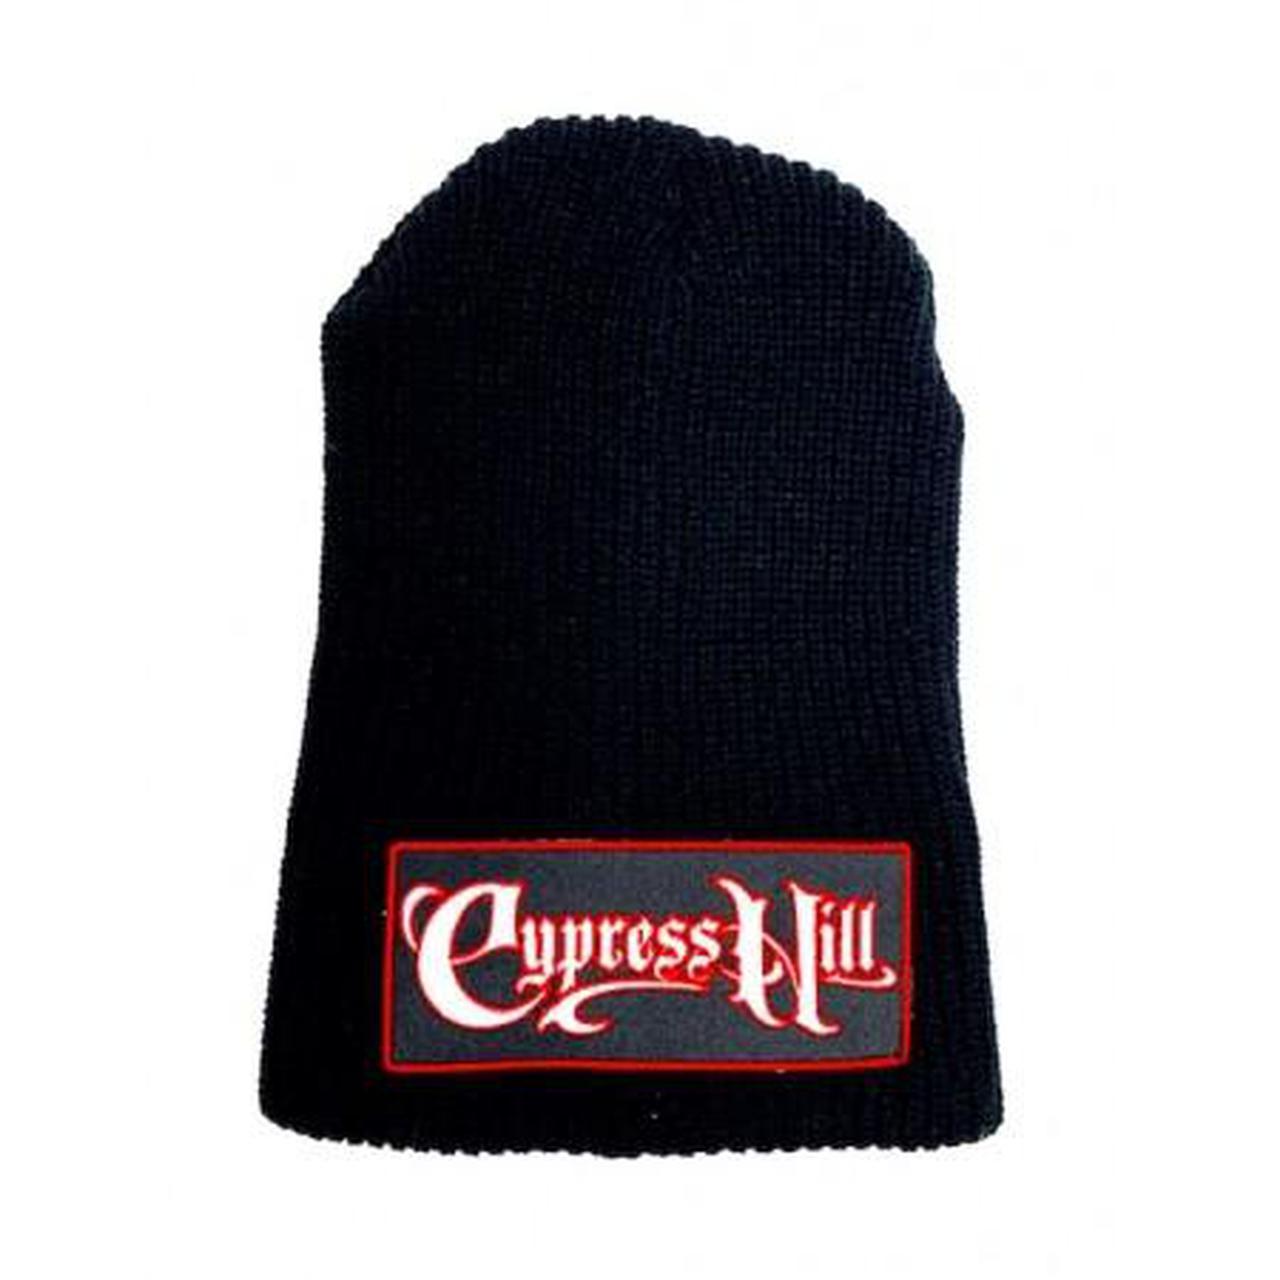 81f72009411 Cypress Hill